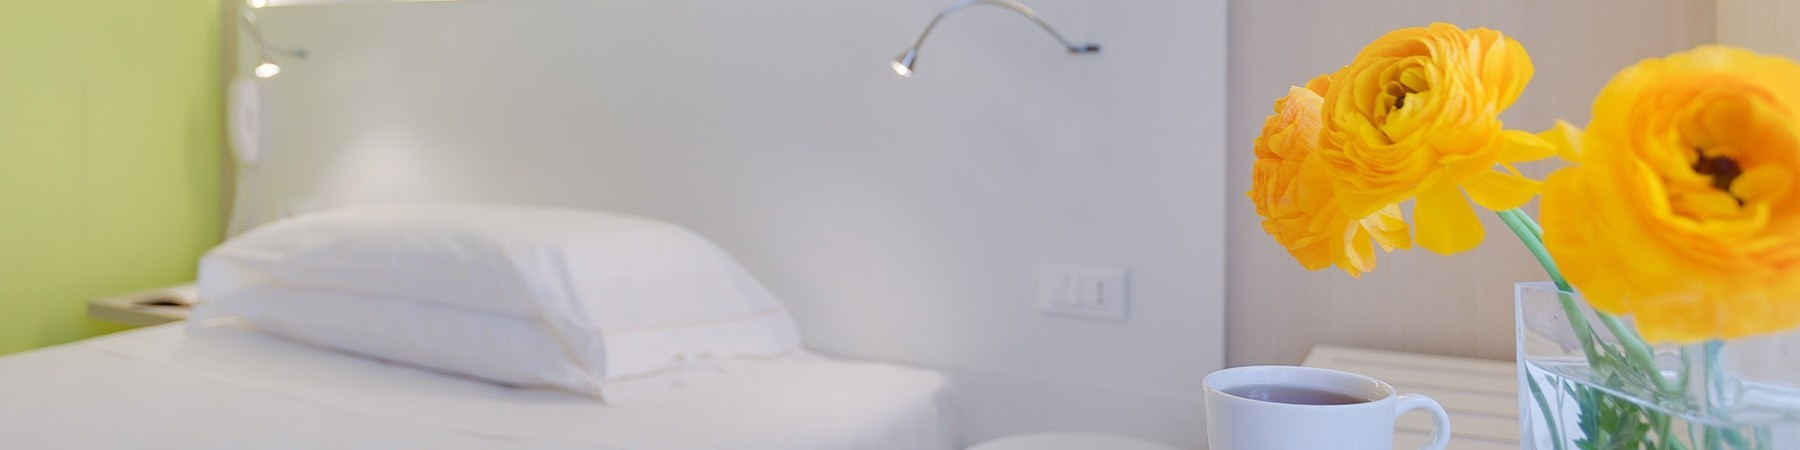 Giường phòng ngủ,chăn ga gối đệm,rèm mành,Két sắt